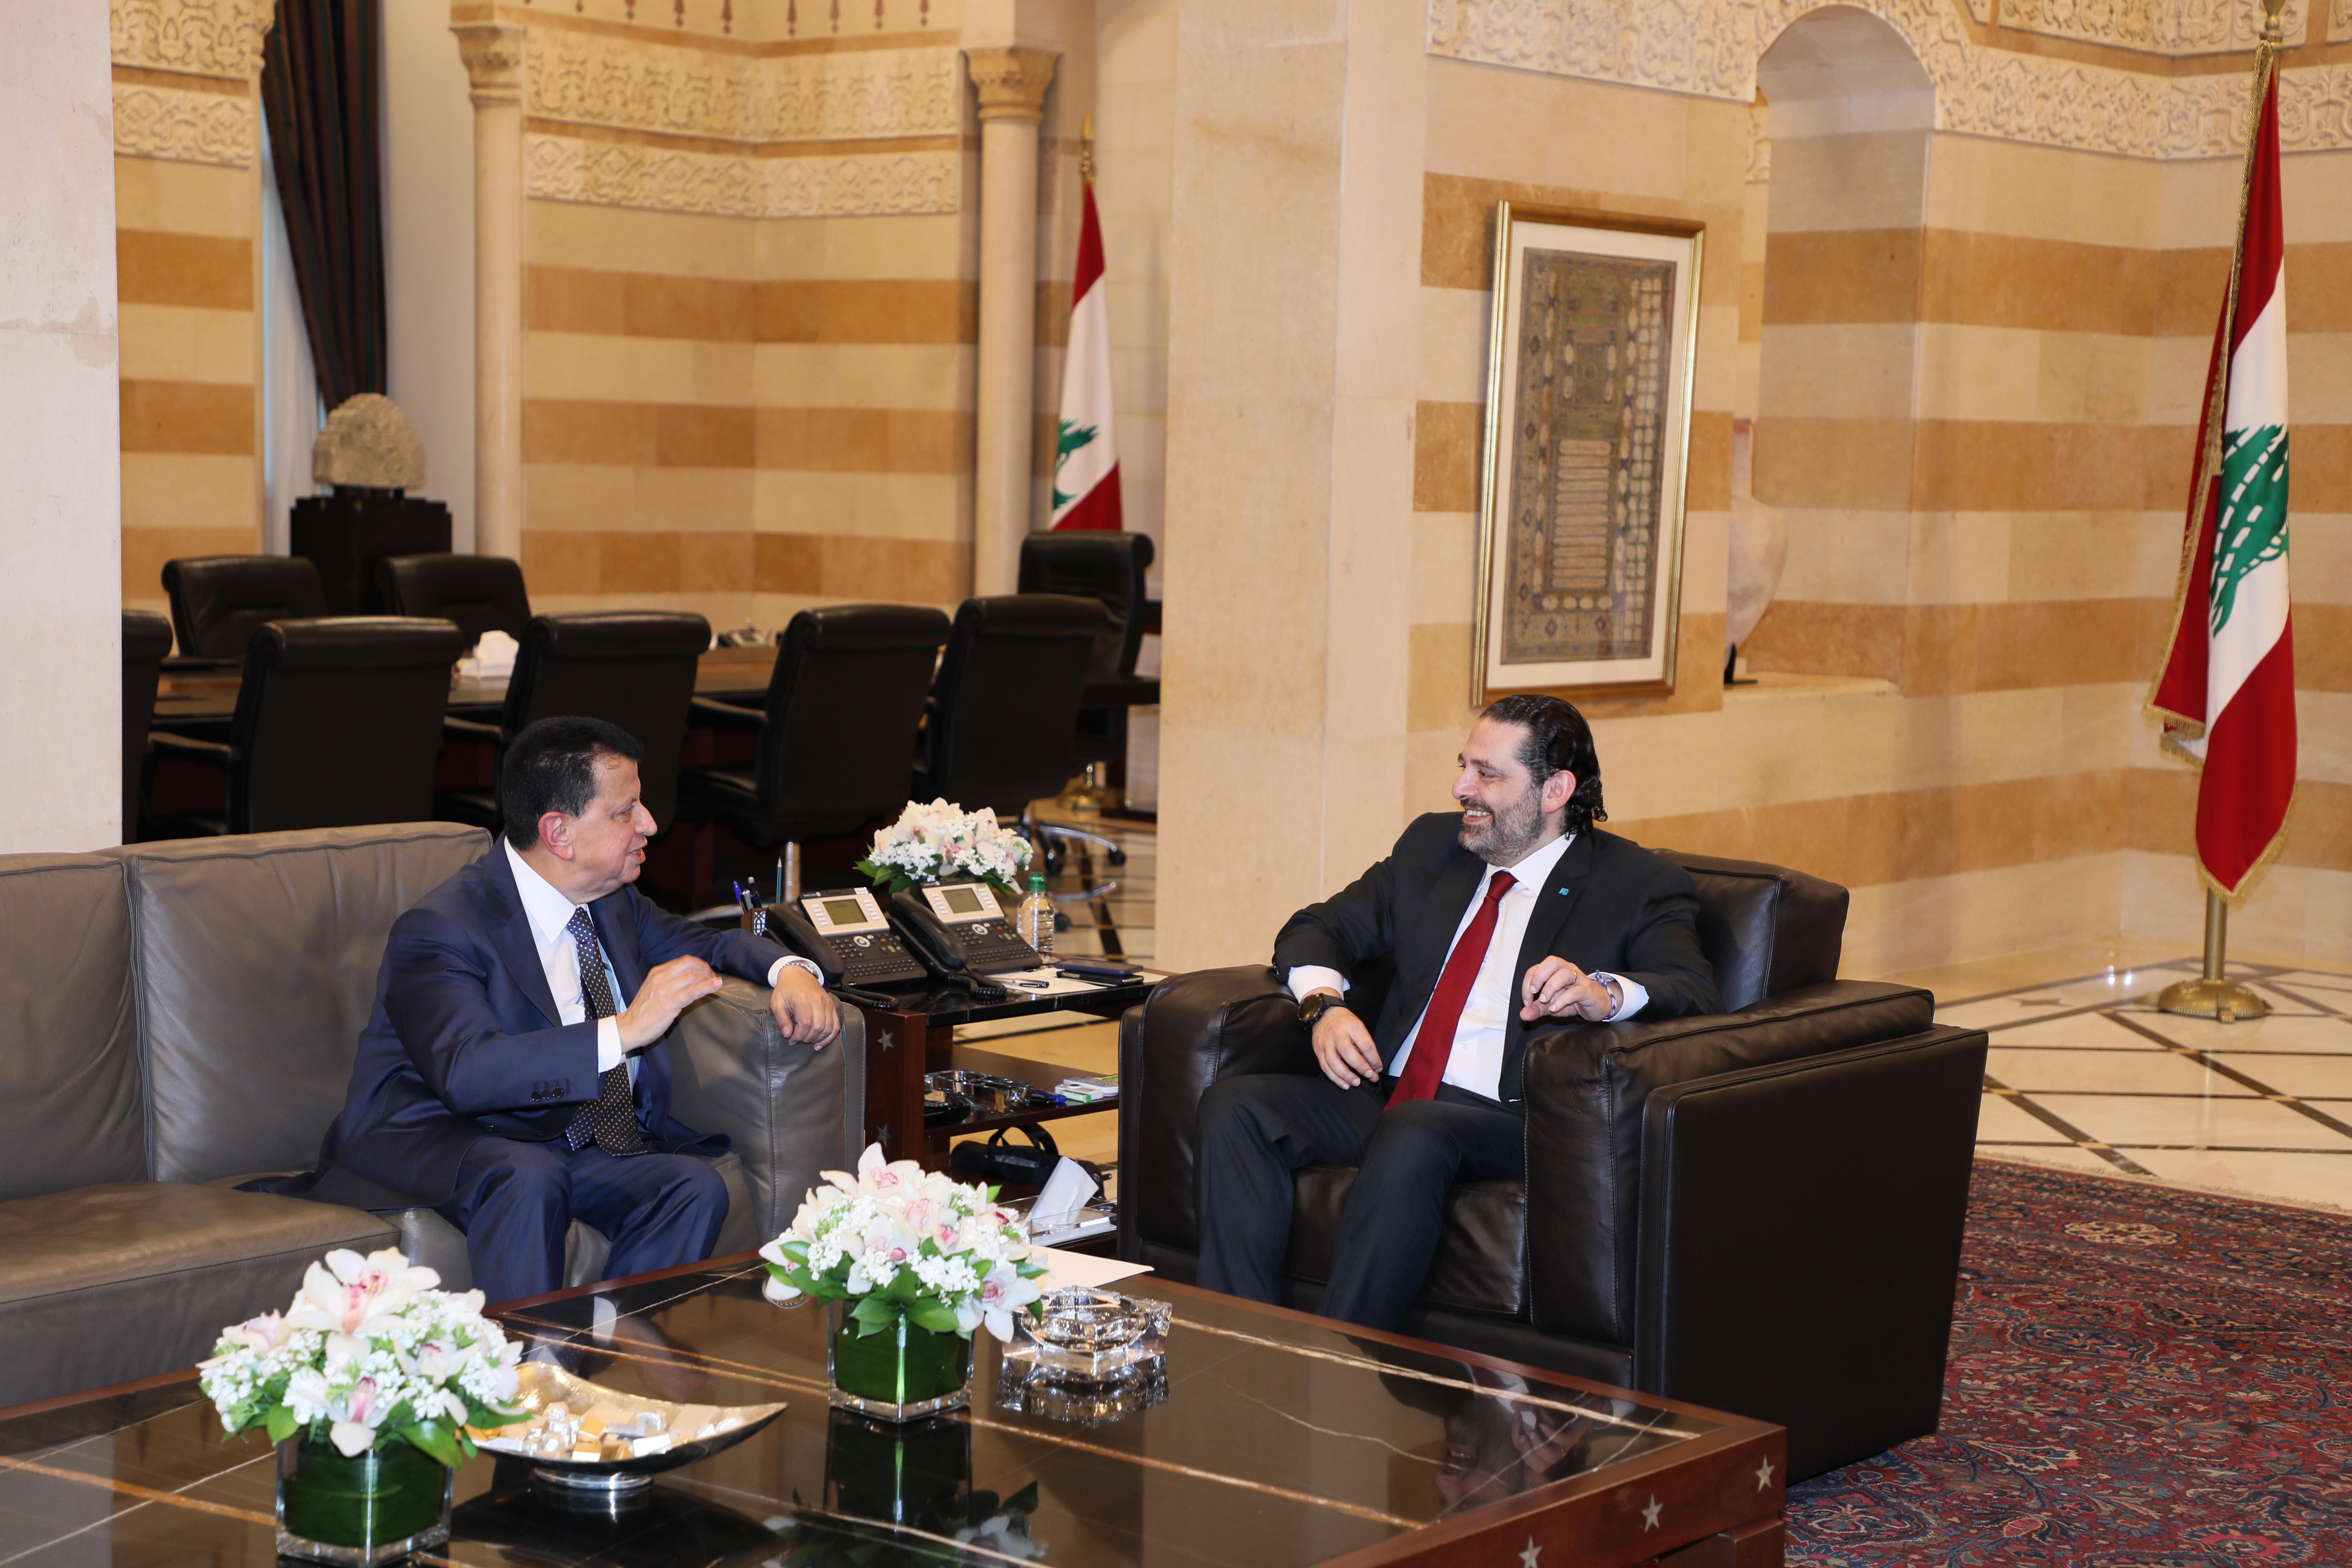 Pr Minister Saad Hariri meets Former MP Mouhamad Amine Itani